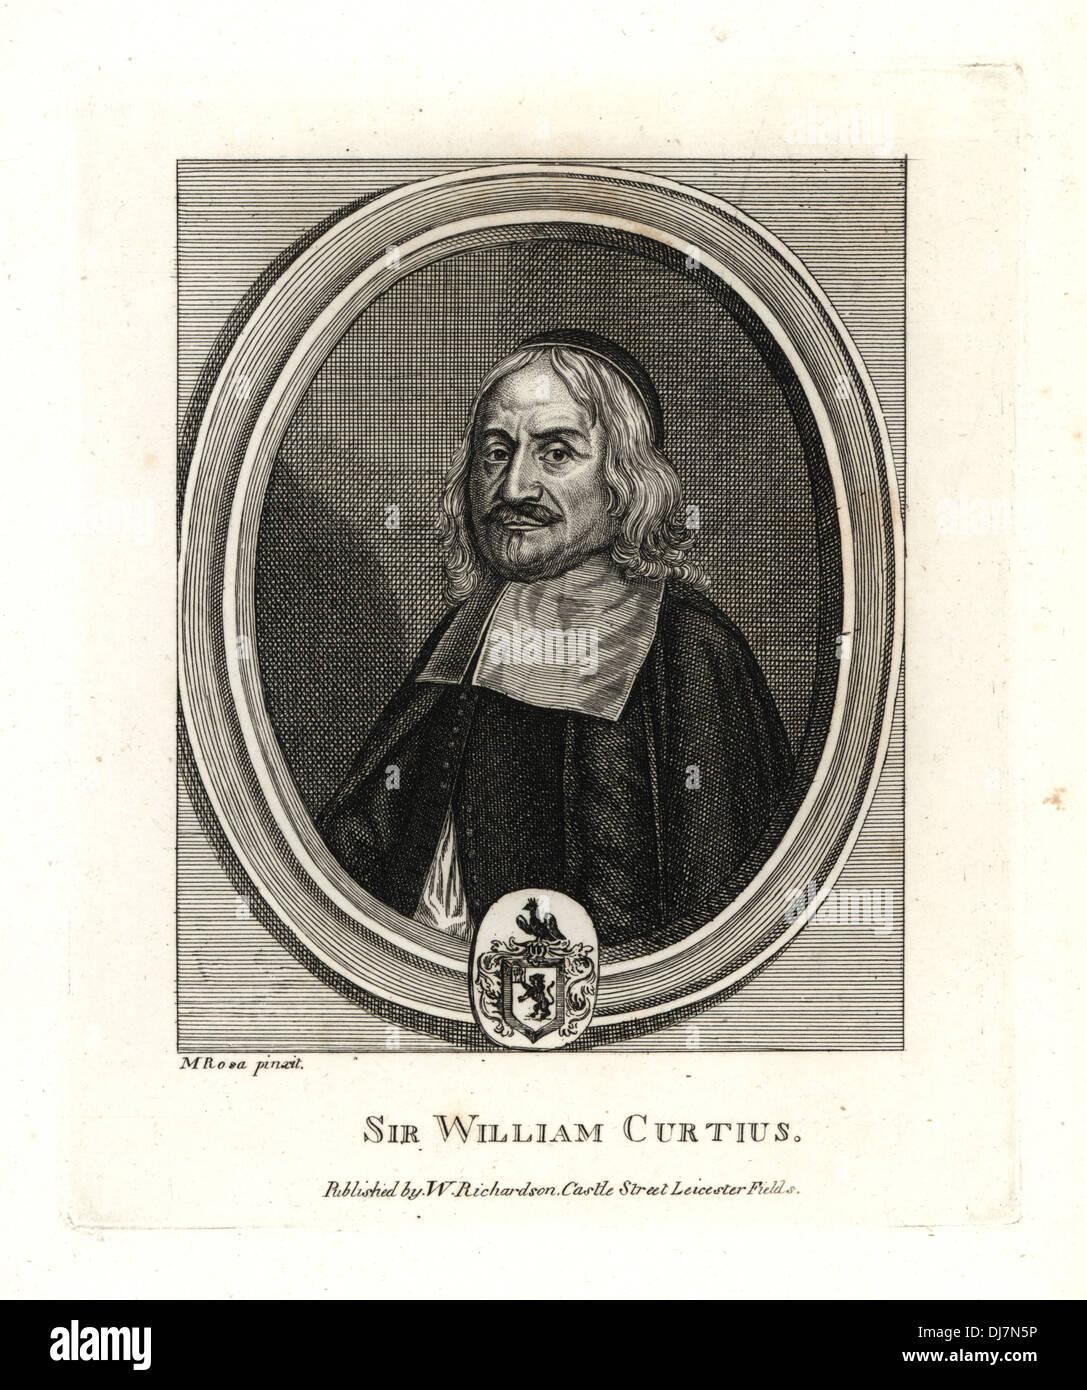 Sir William Curtius, Latine Curtius. - Stock Image